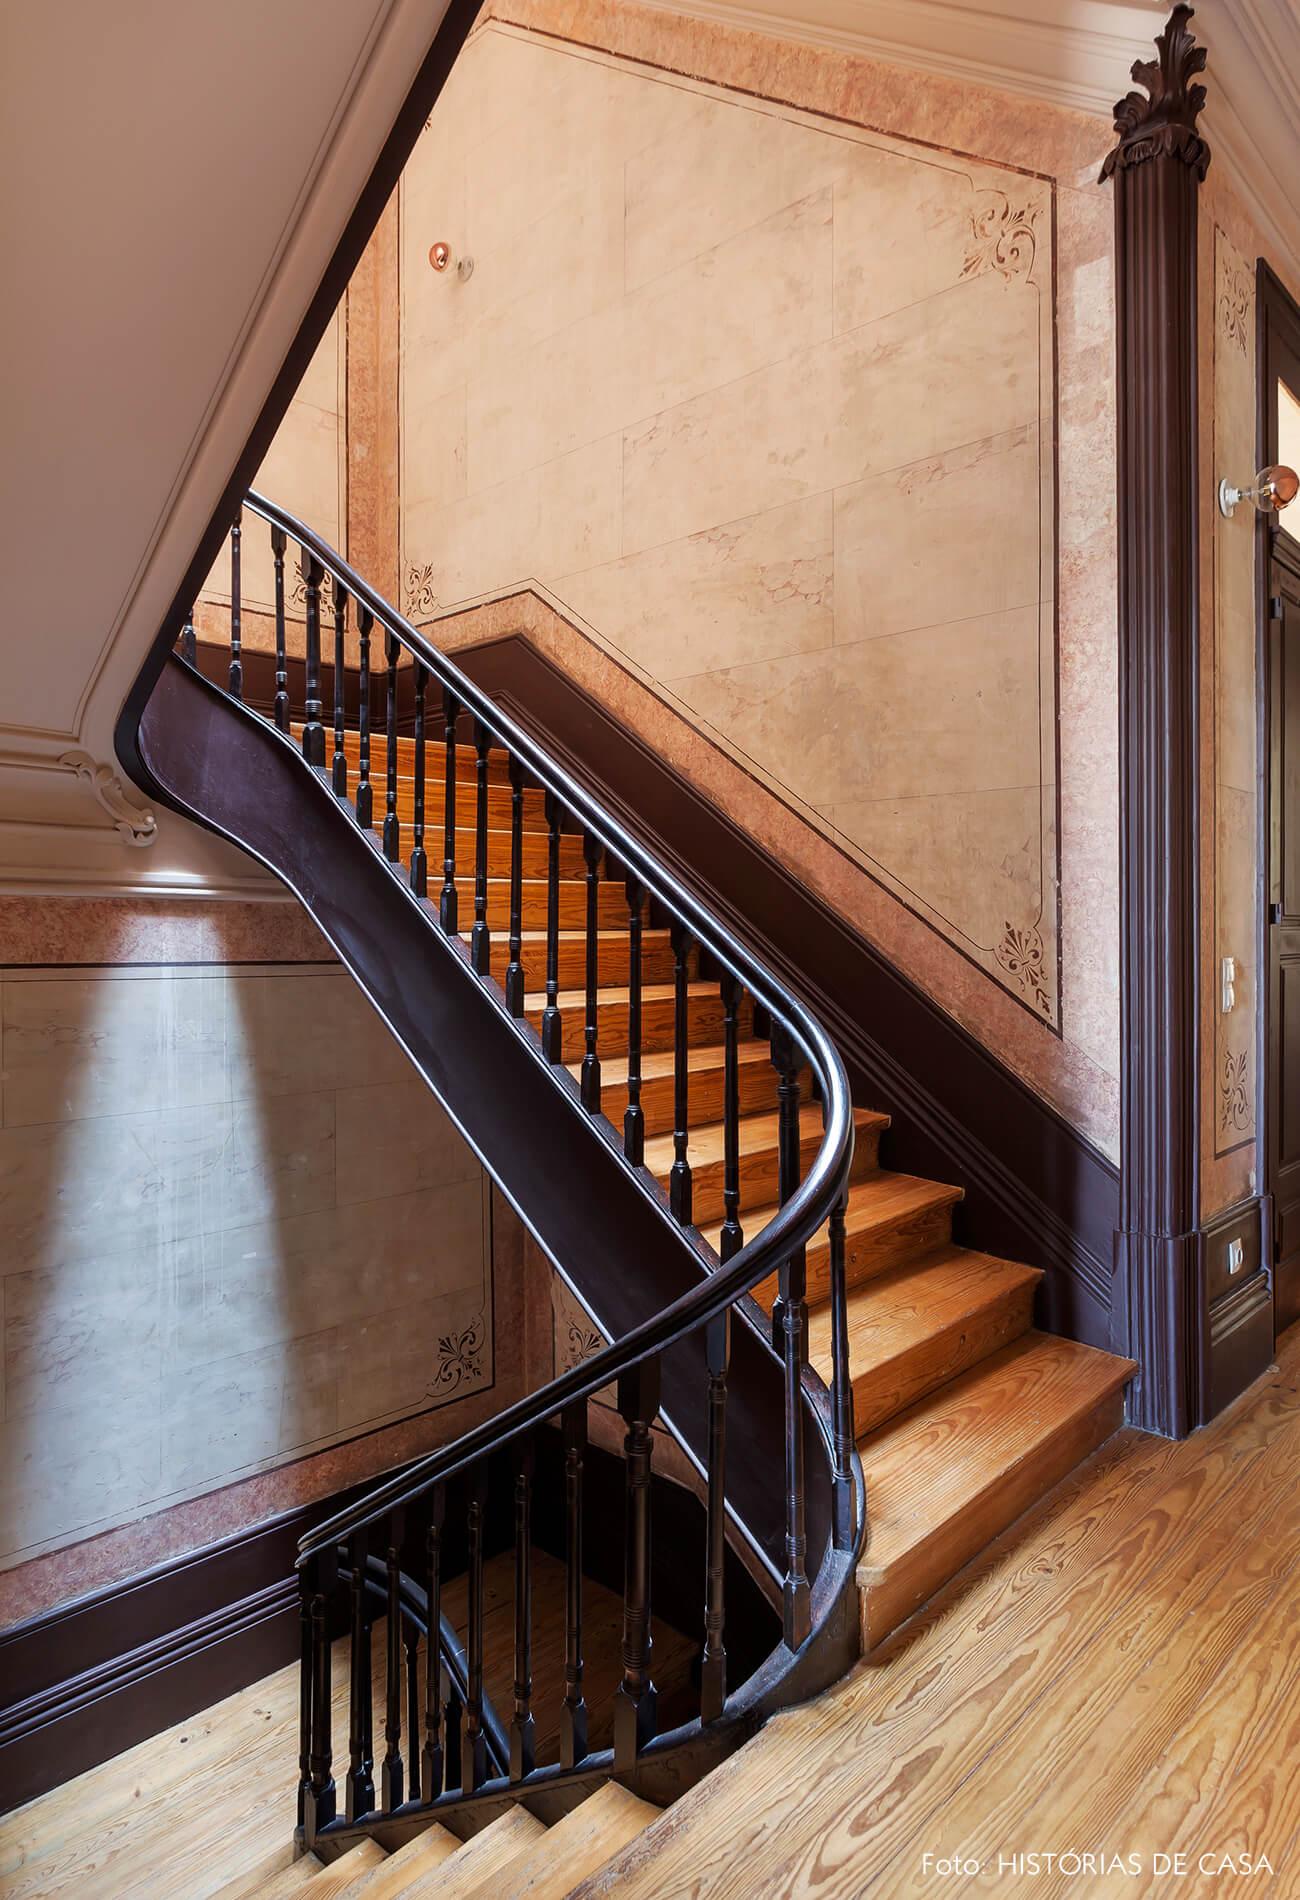 Hall de escada com degraus de madeira